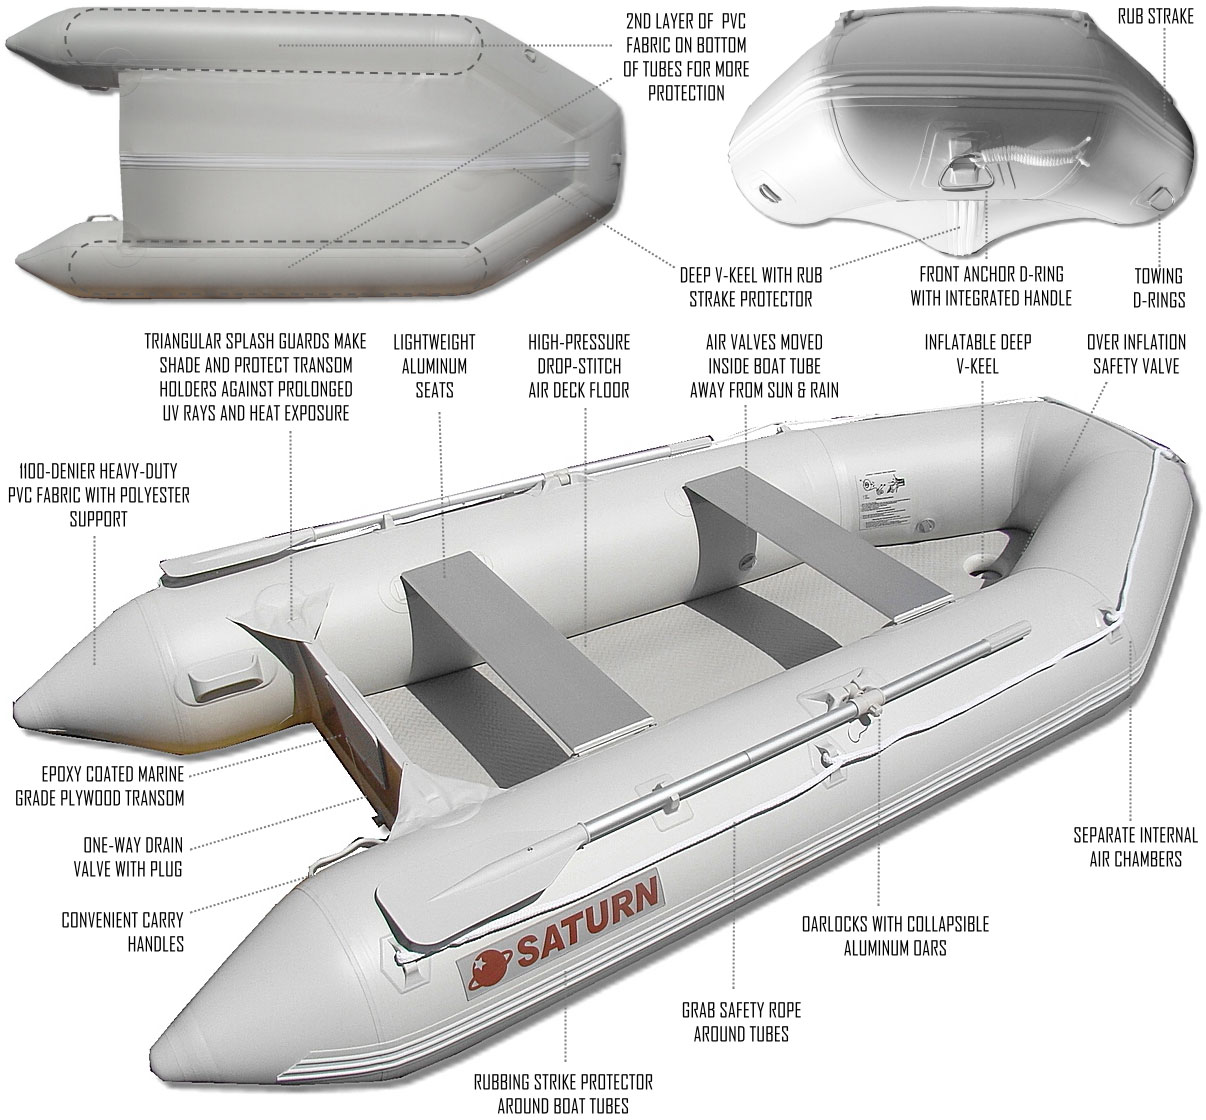 Intex Mariner 4 Modifications And Tips Page 3 Iboats